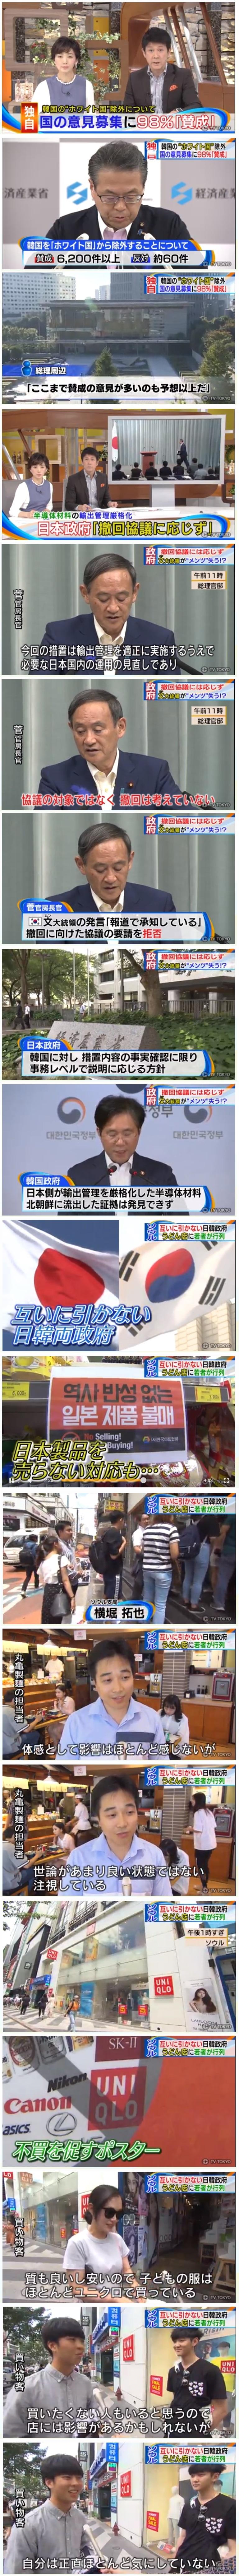 経産省のパブリックコメント98%が韓国のホワイト除外に賛成2